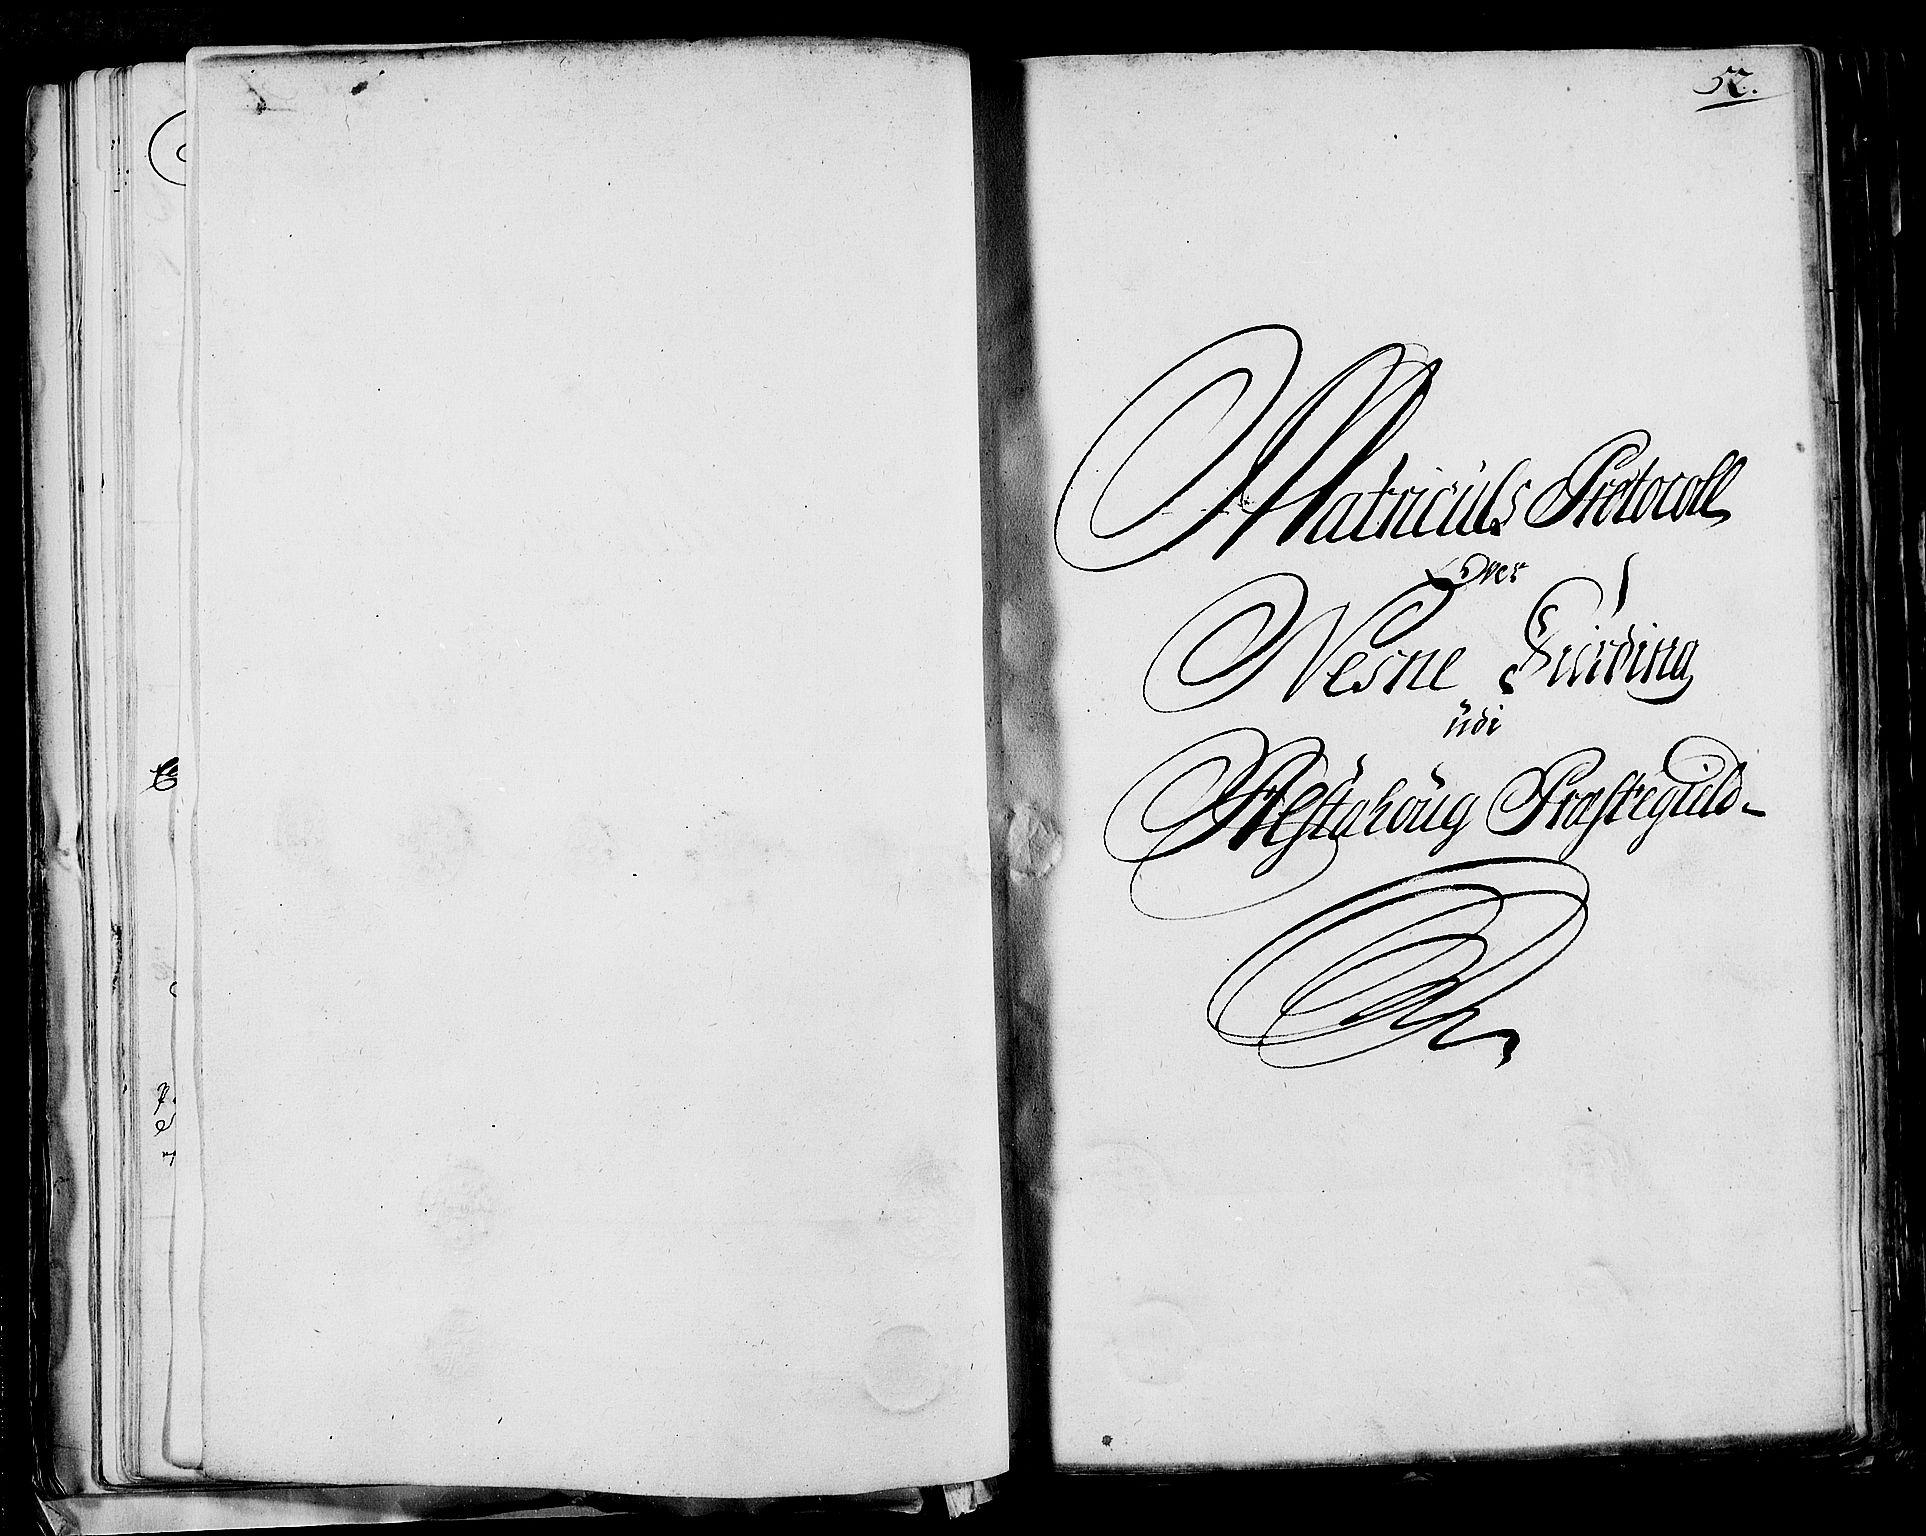 RA, Rentekammeret inntil 1814, Realistisk ordnet avdeling, N/Nb/Nbf/L0170: Helgeland eksaminasjonsprotokoll, 1723, s. 51b-52a